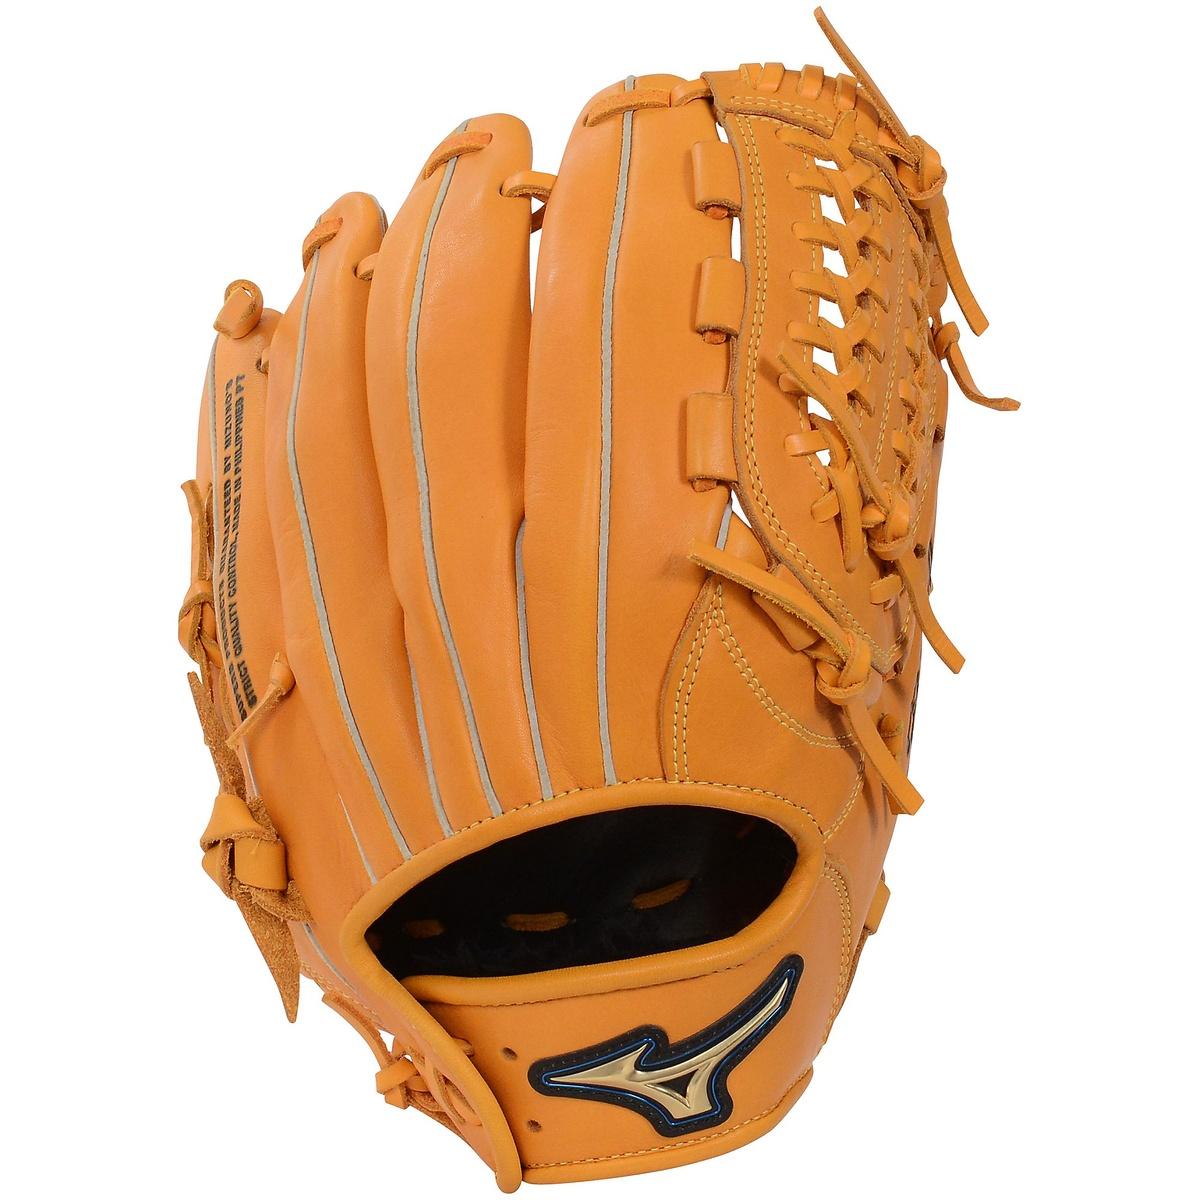 【送料無料】 MIZUNO (ミズノ) 野球 軟式グローブ一般 ナンシキNB セレクト9 メンズ ナチュラル 1AJGR20823 47